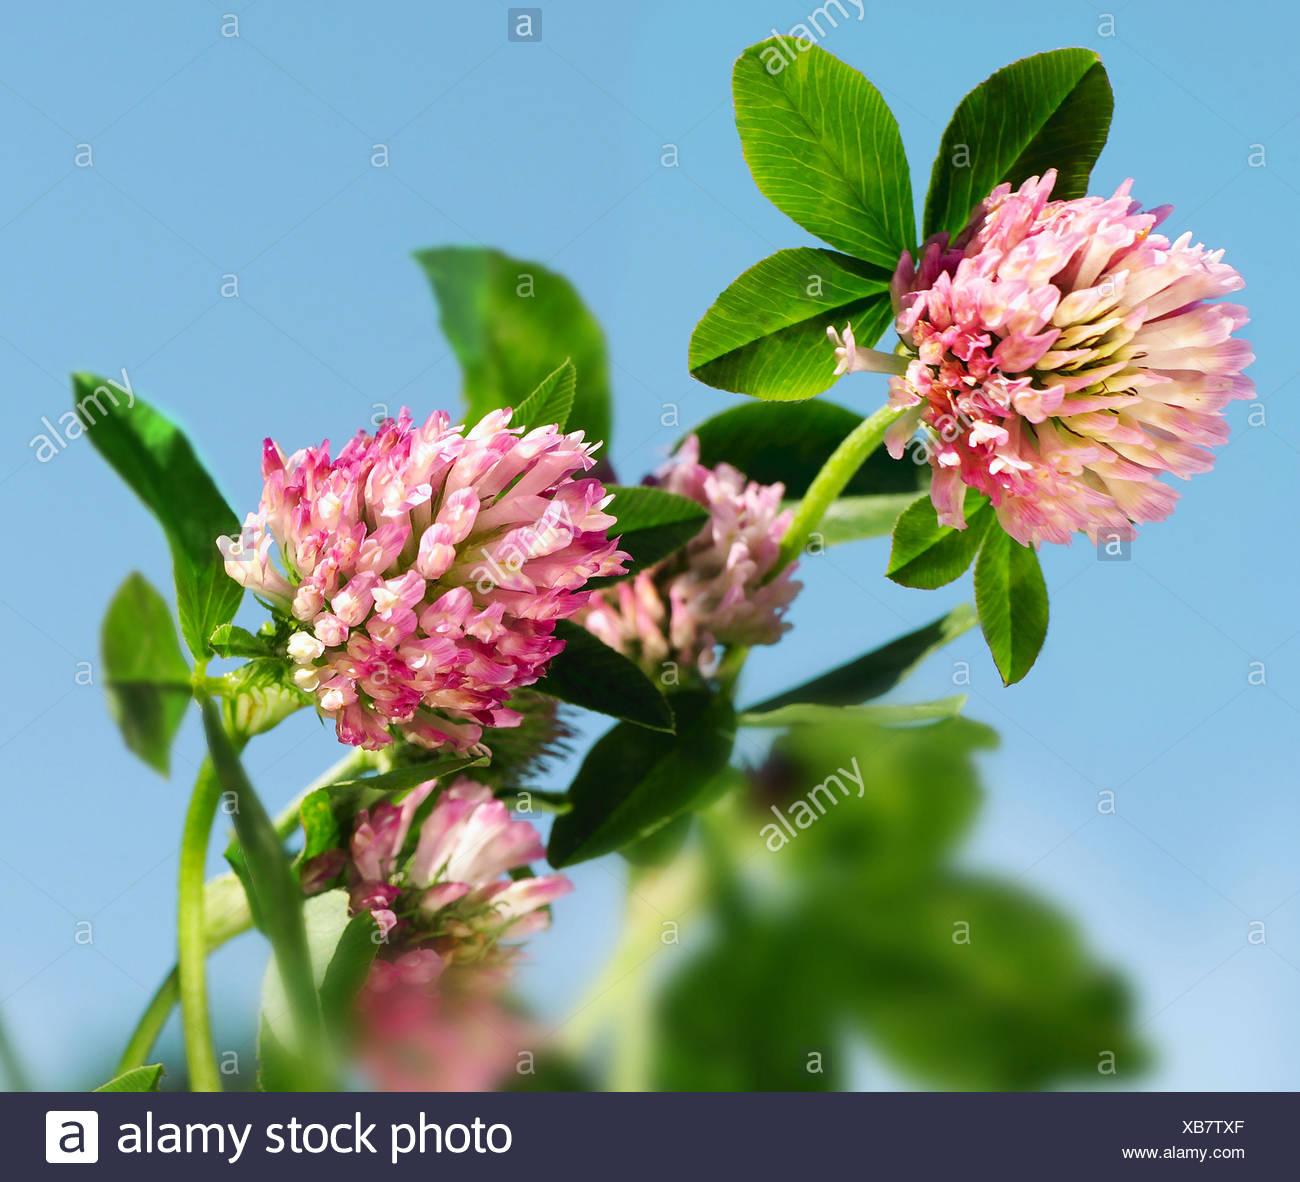 Trefle Des Pres Trifolium Pratense Fleurs Rouge Plantes Trefle